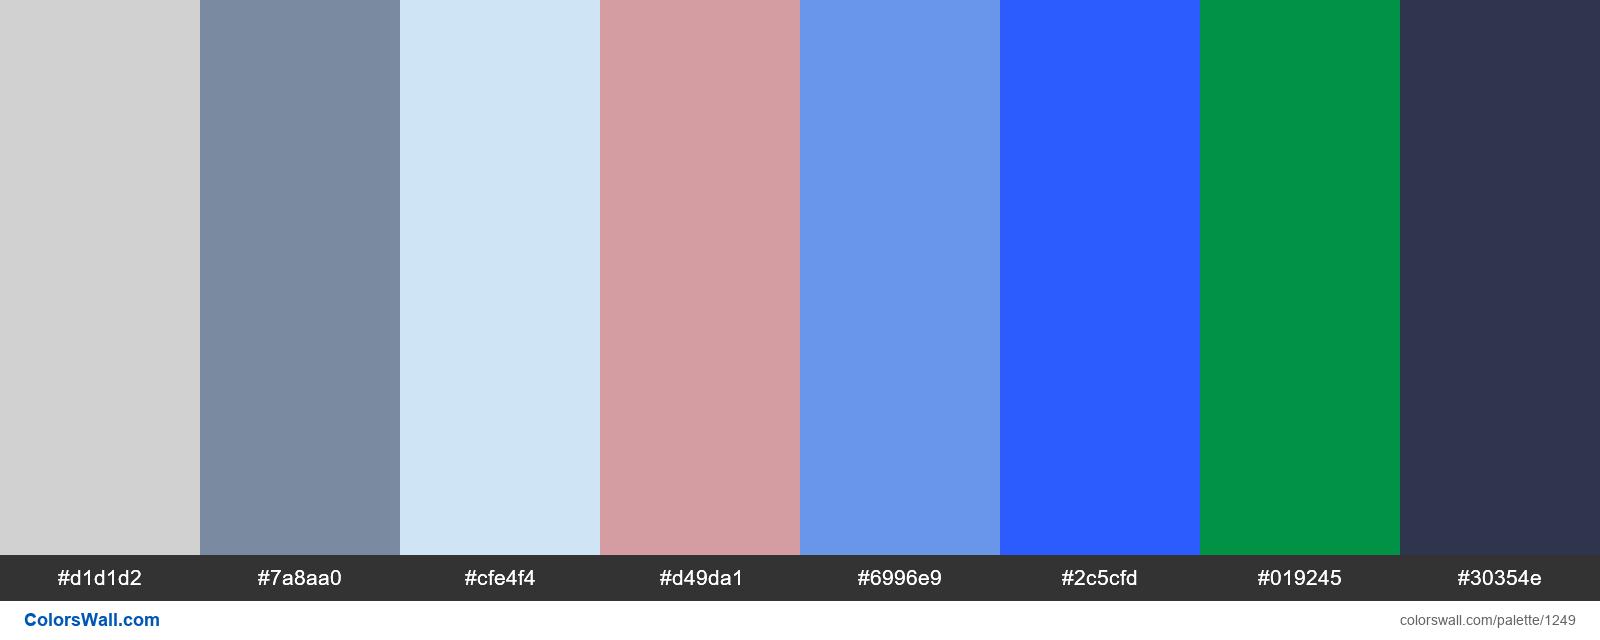 Page builder color palette - #1249